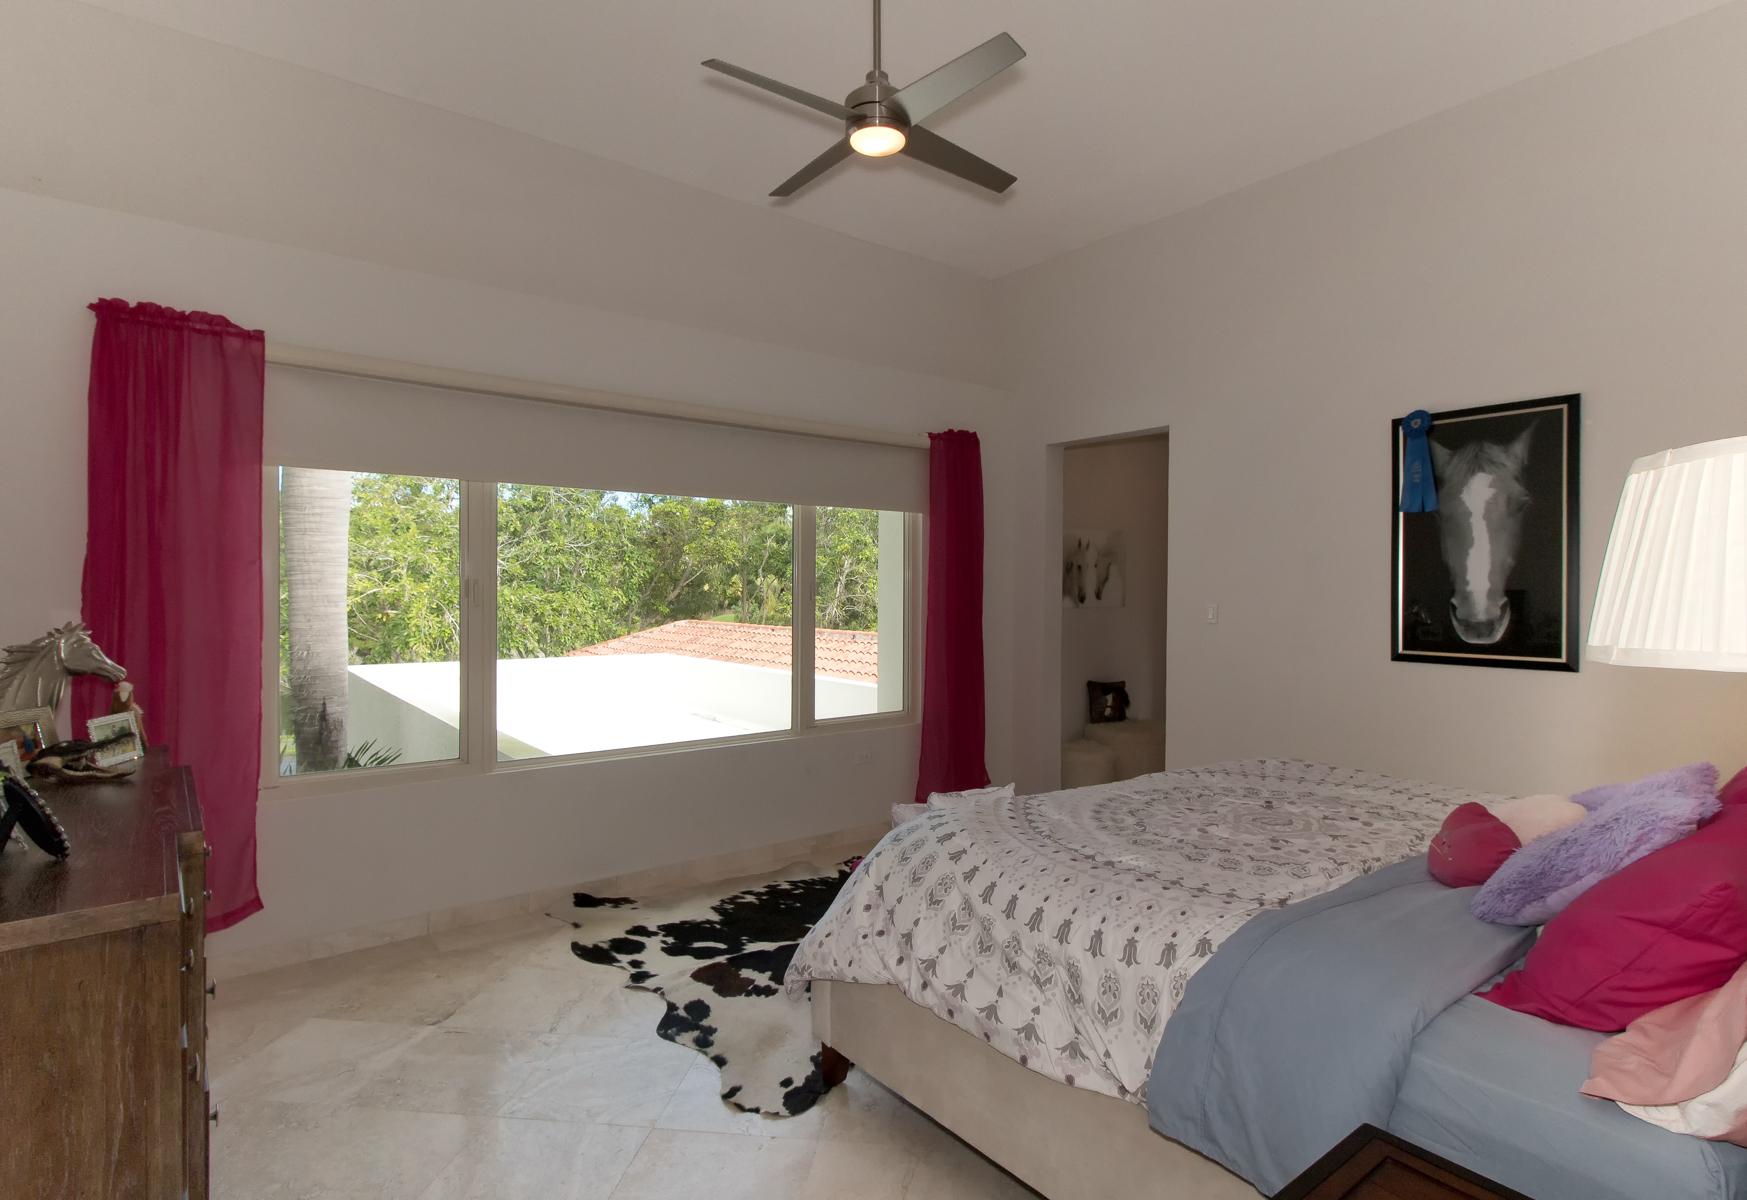 Additional photo for property listing at Gut Renovated Dorado Beach Five Bedroom 107 Dorado Beach East Dorado Beach, Puerto Rico 00646 푸에르토리코